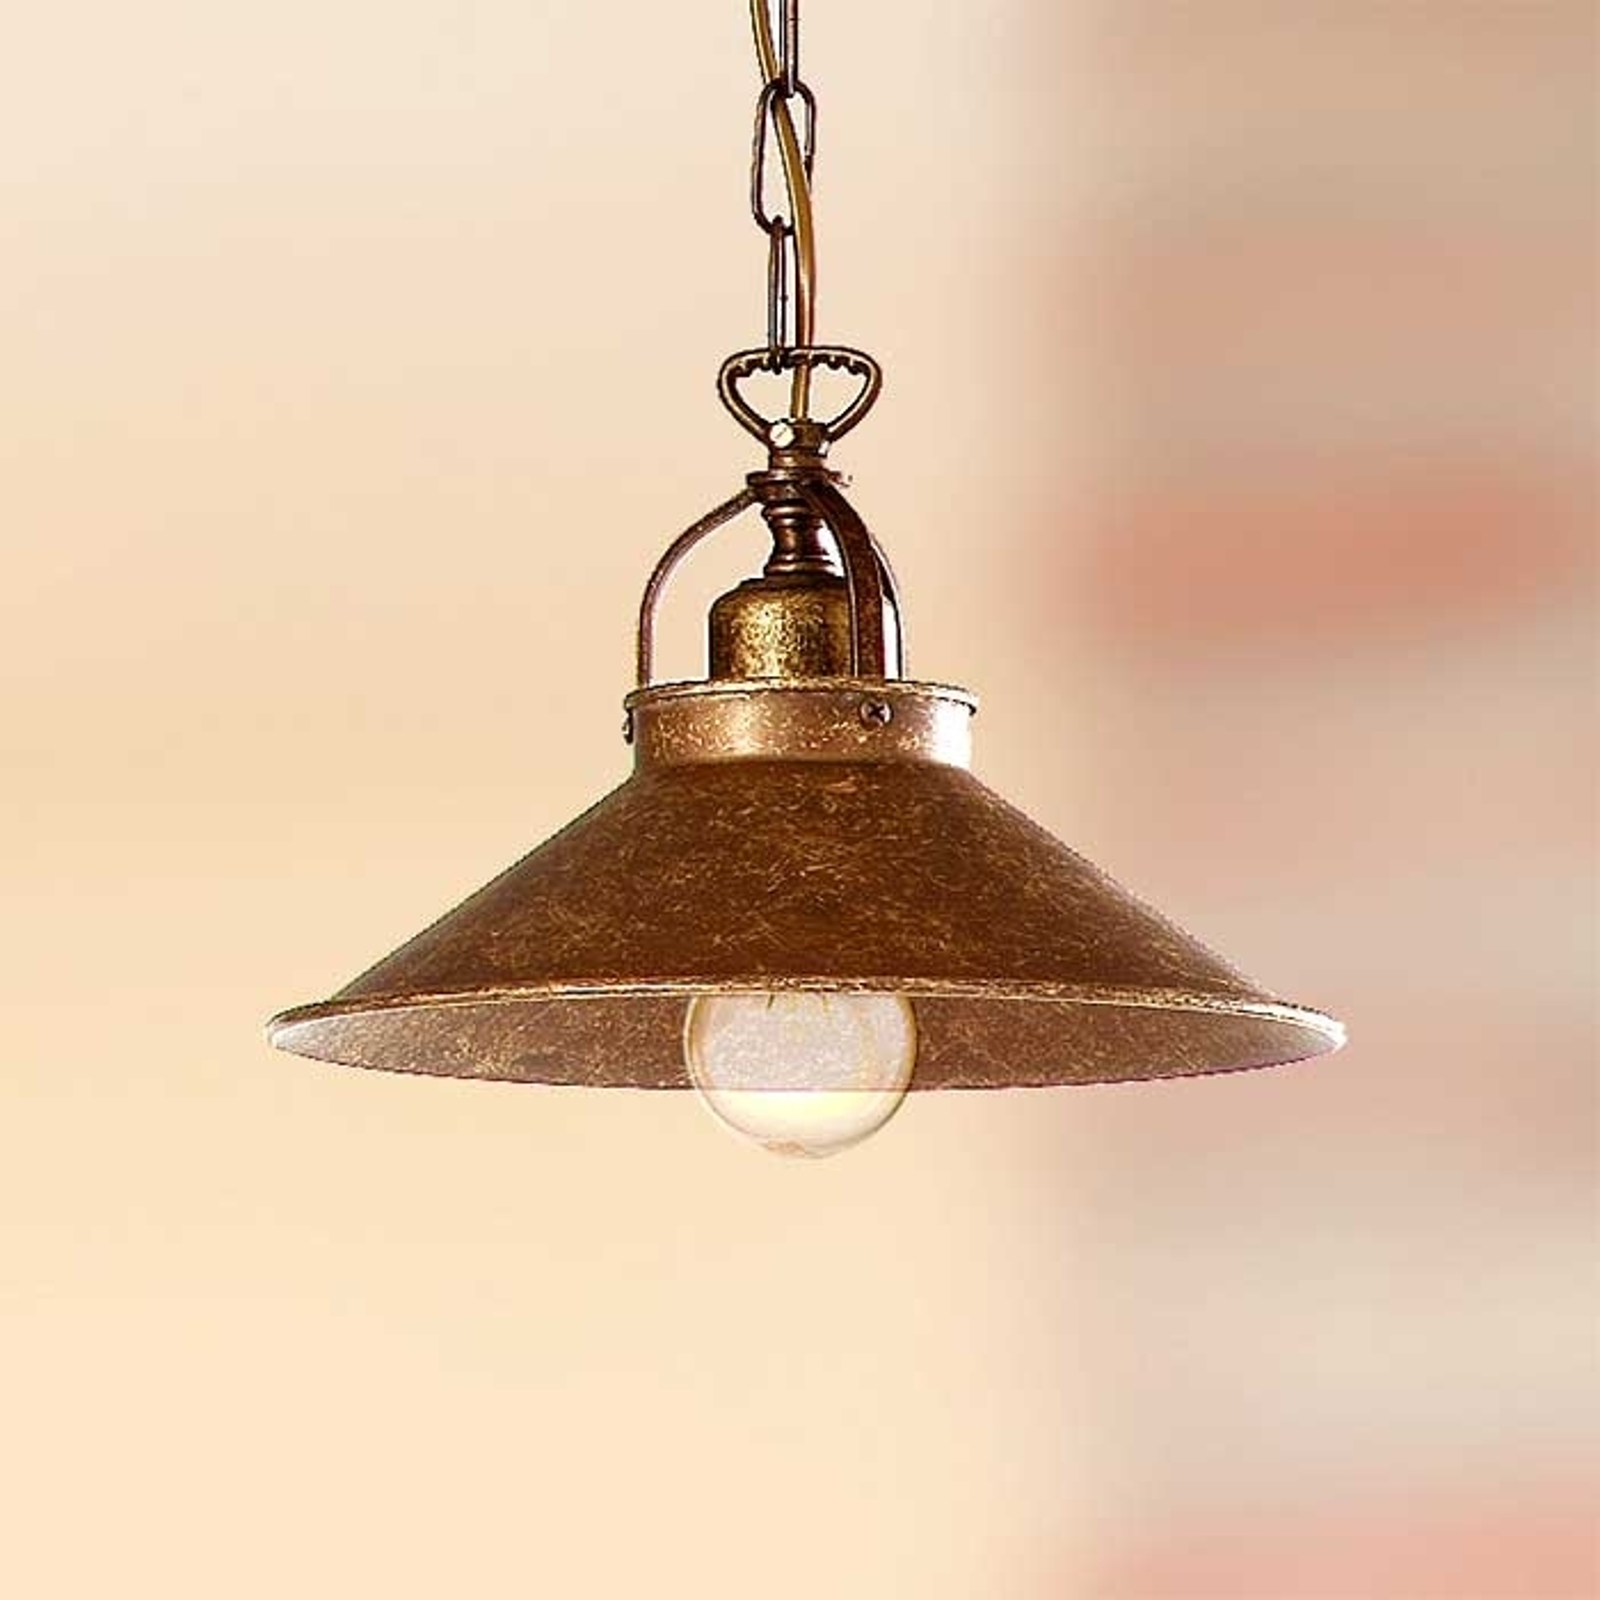 Lampada a sospensione rustica BRUNO 25 cm